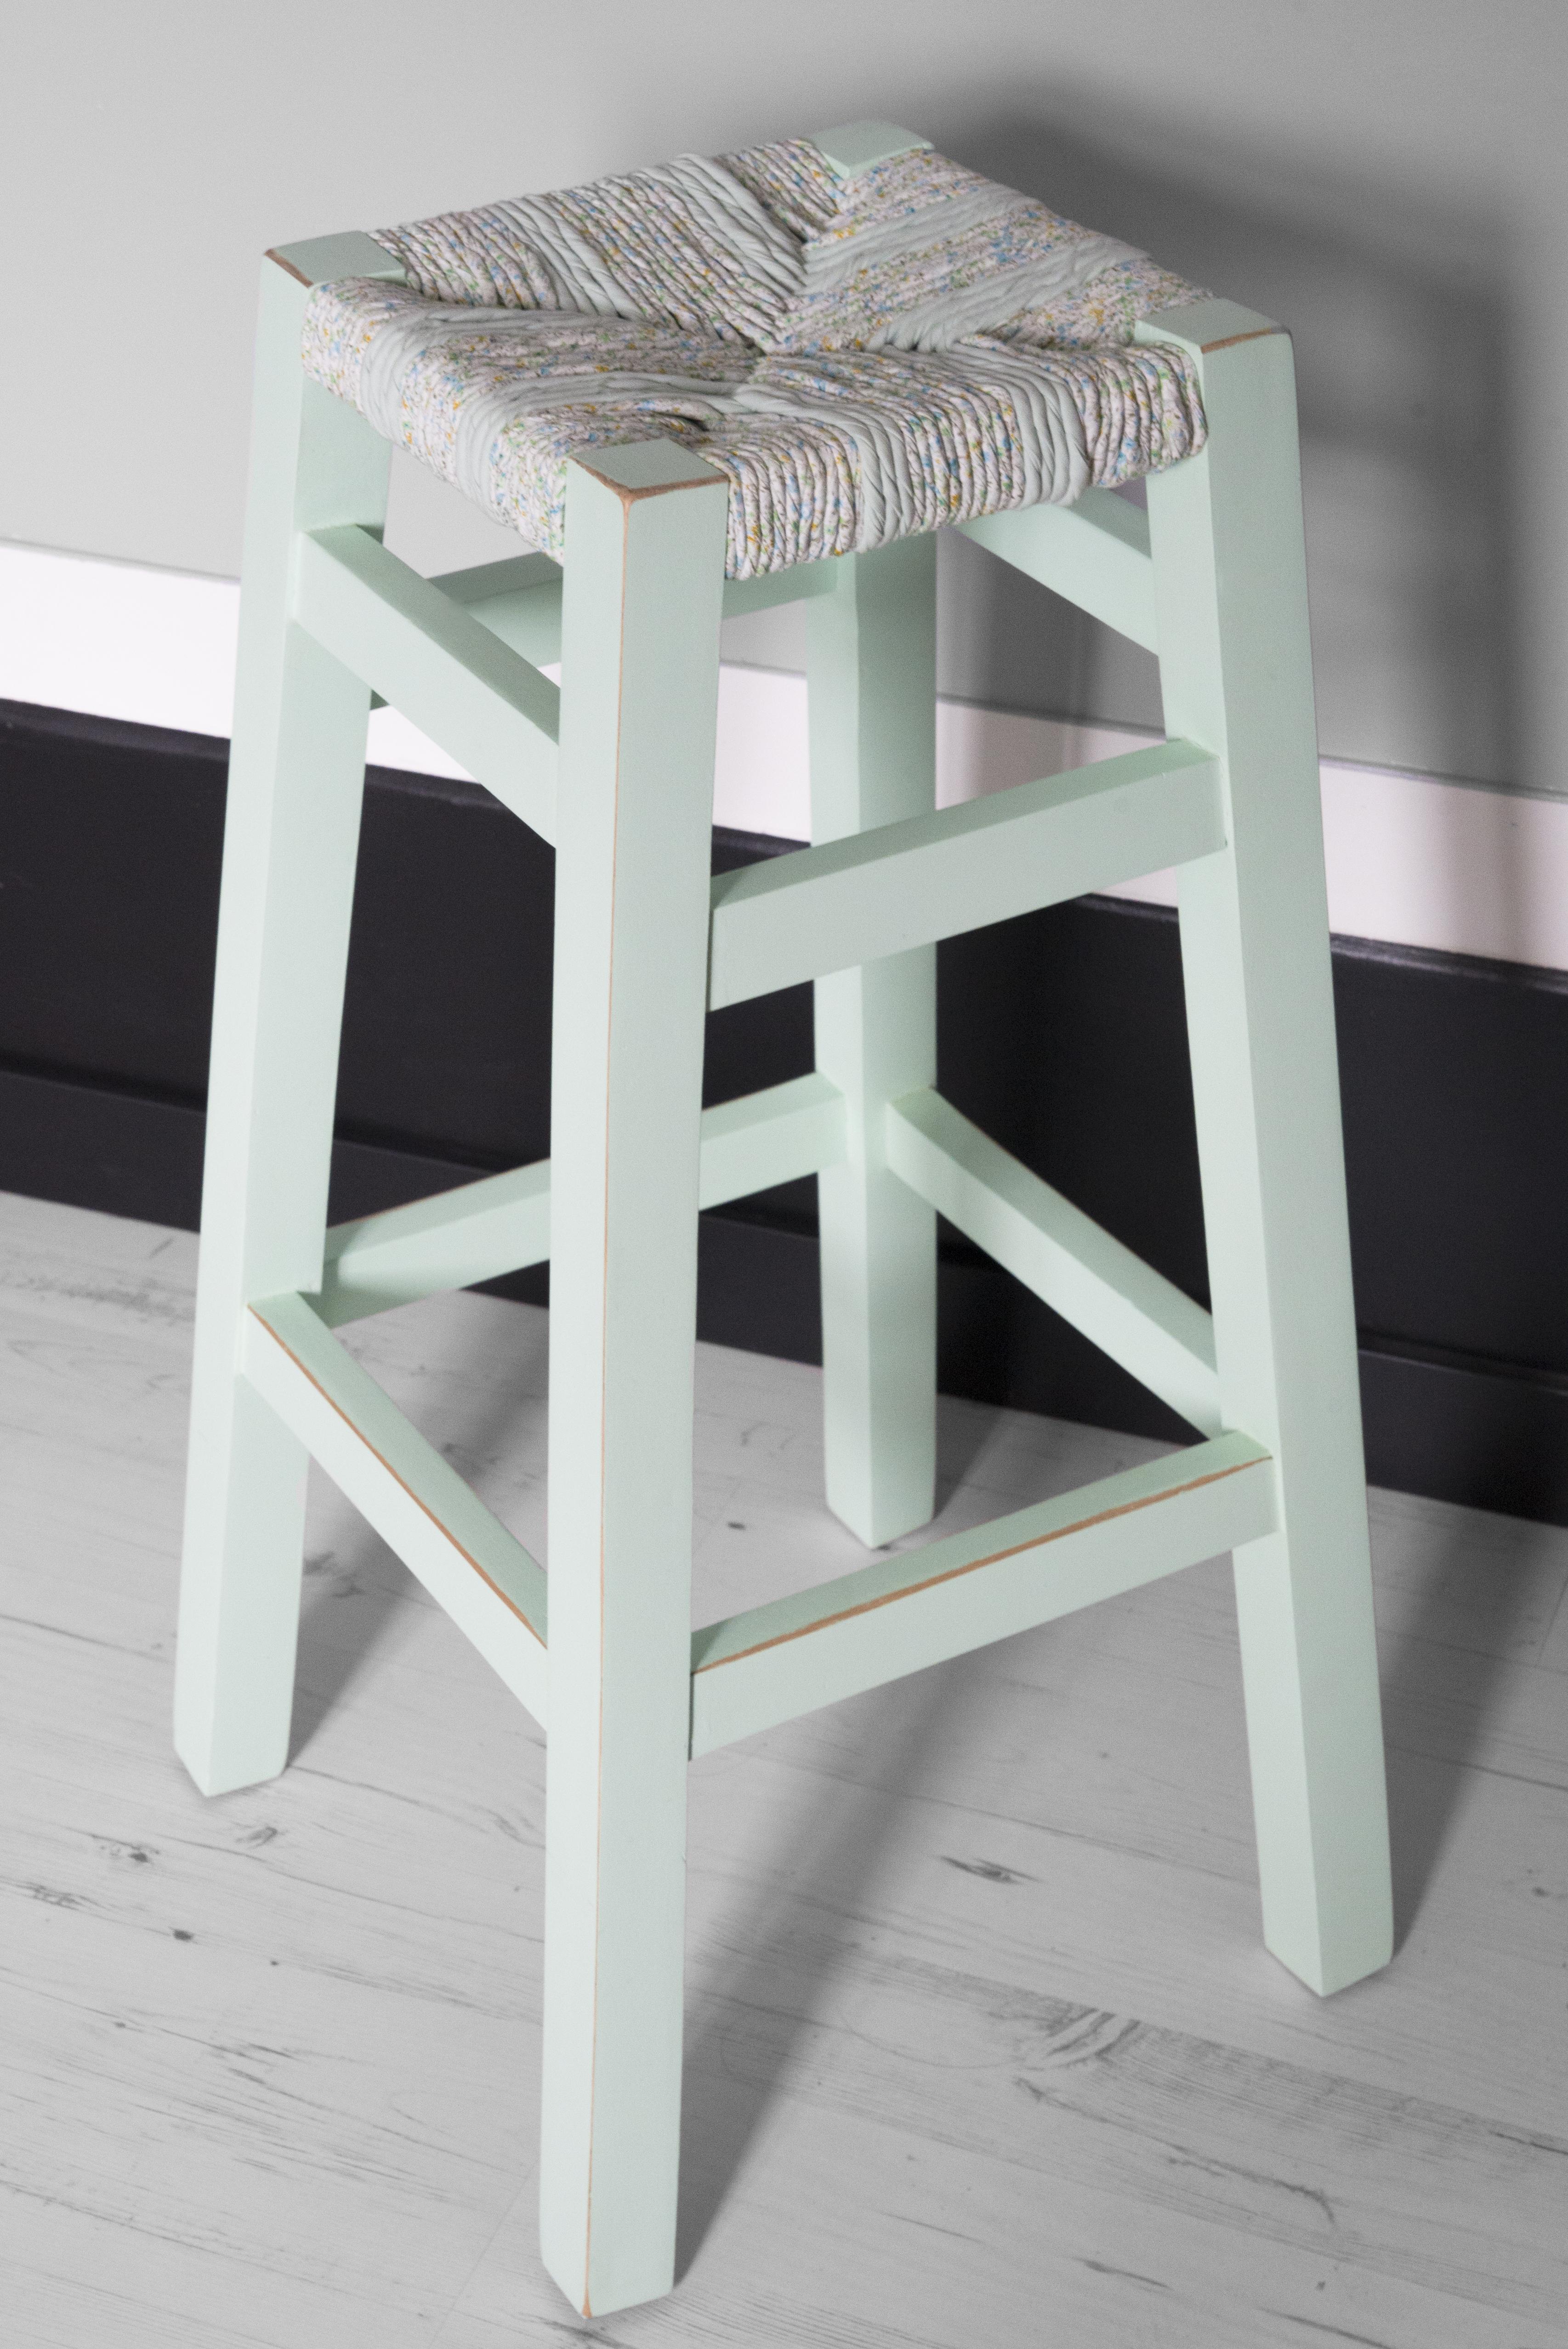 wood is folies tabouret romantique rempaillage en torons de tissus peinture menthe a l eau finition vernis mat vue d'ensemble du tabouret canteleu rouen normandie